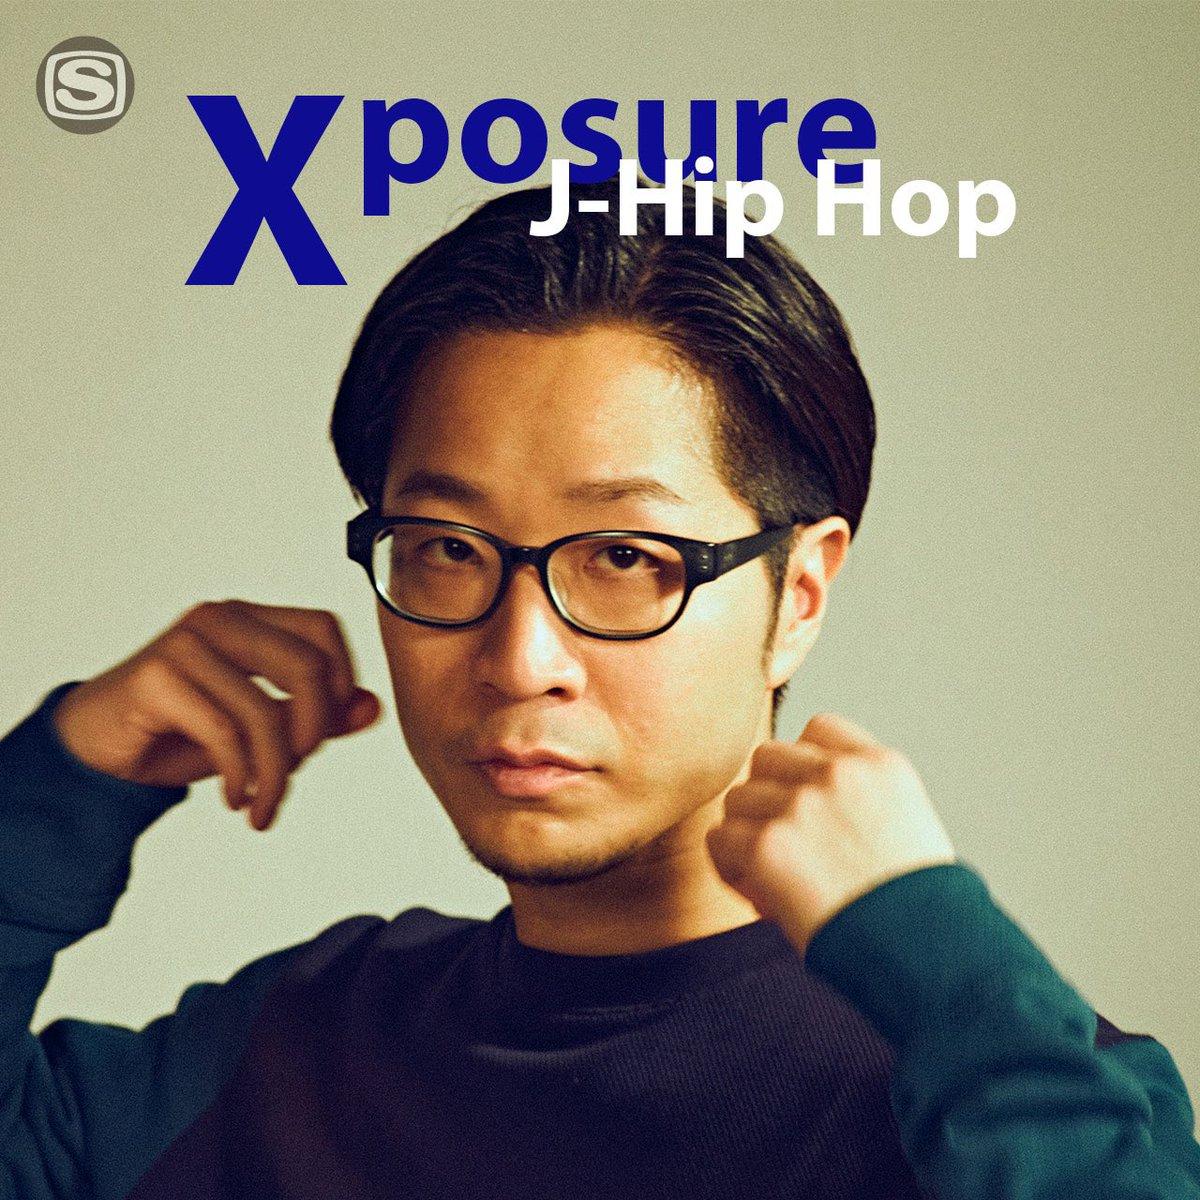 SPACE SHOWER MUSICのSpotifyプレイリスト『Xposure J-HIP HOP』のカバーにPUNPEEが起用されております。PUNPEEほか、VaVa、in-d、BLYY等が収録されております。是非お聴きください。@SpotifyJP